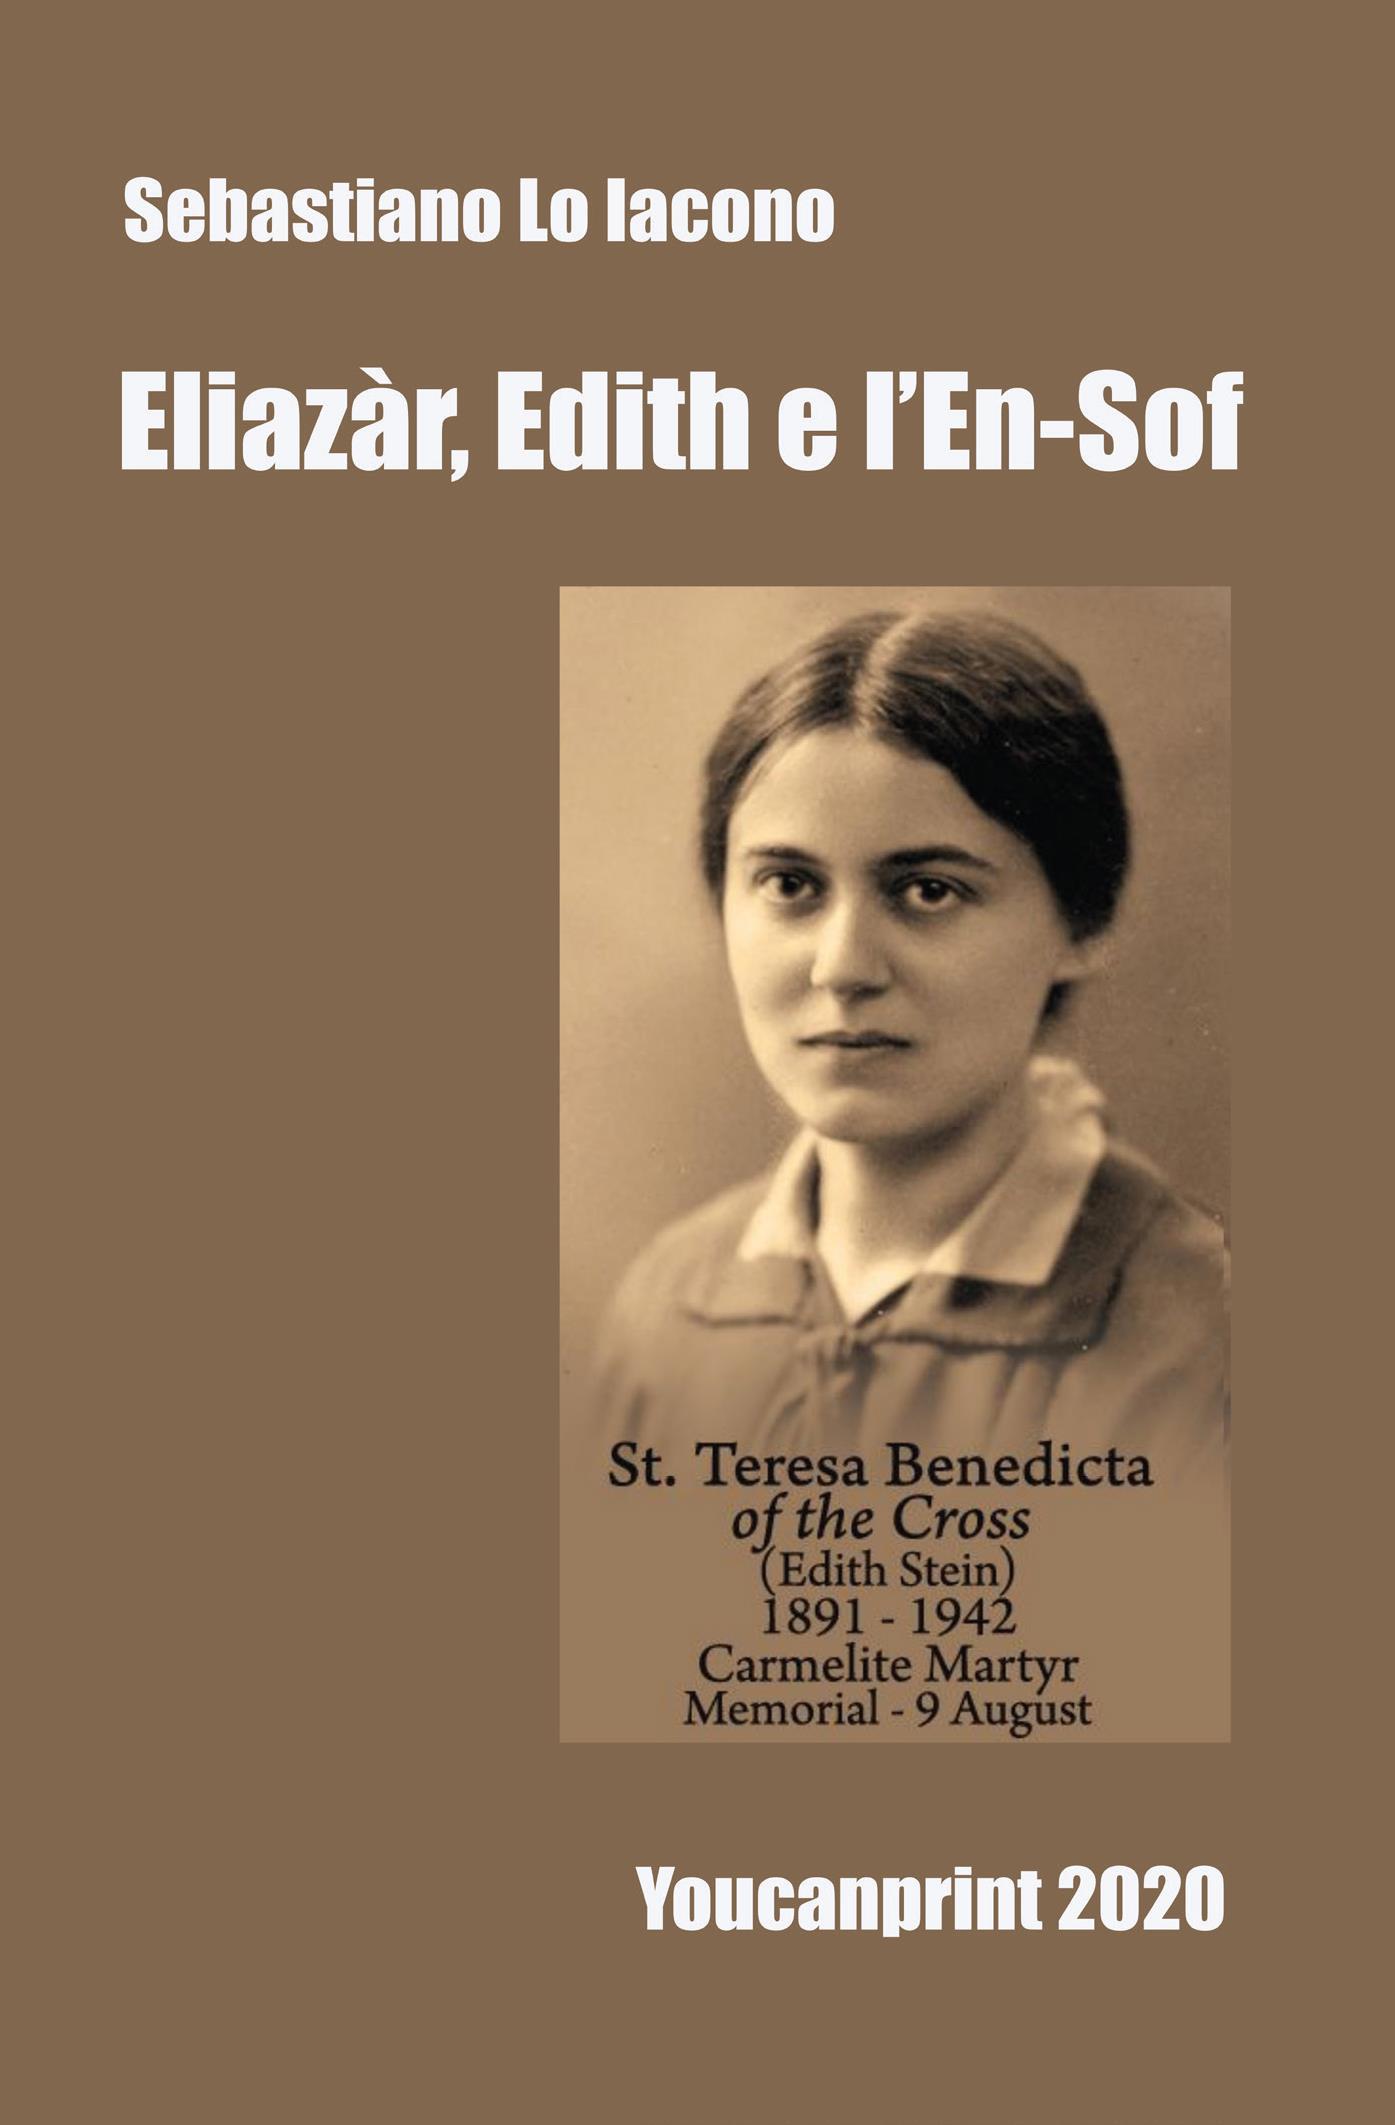 Eliazàr, Edith e l'En-Sof